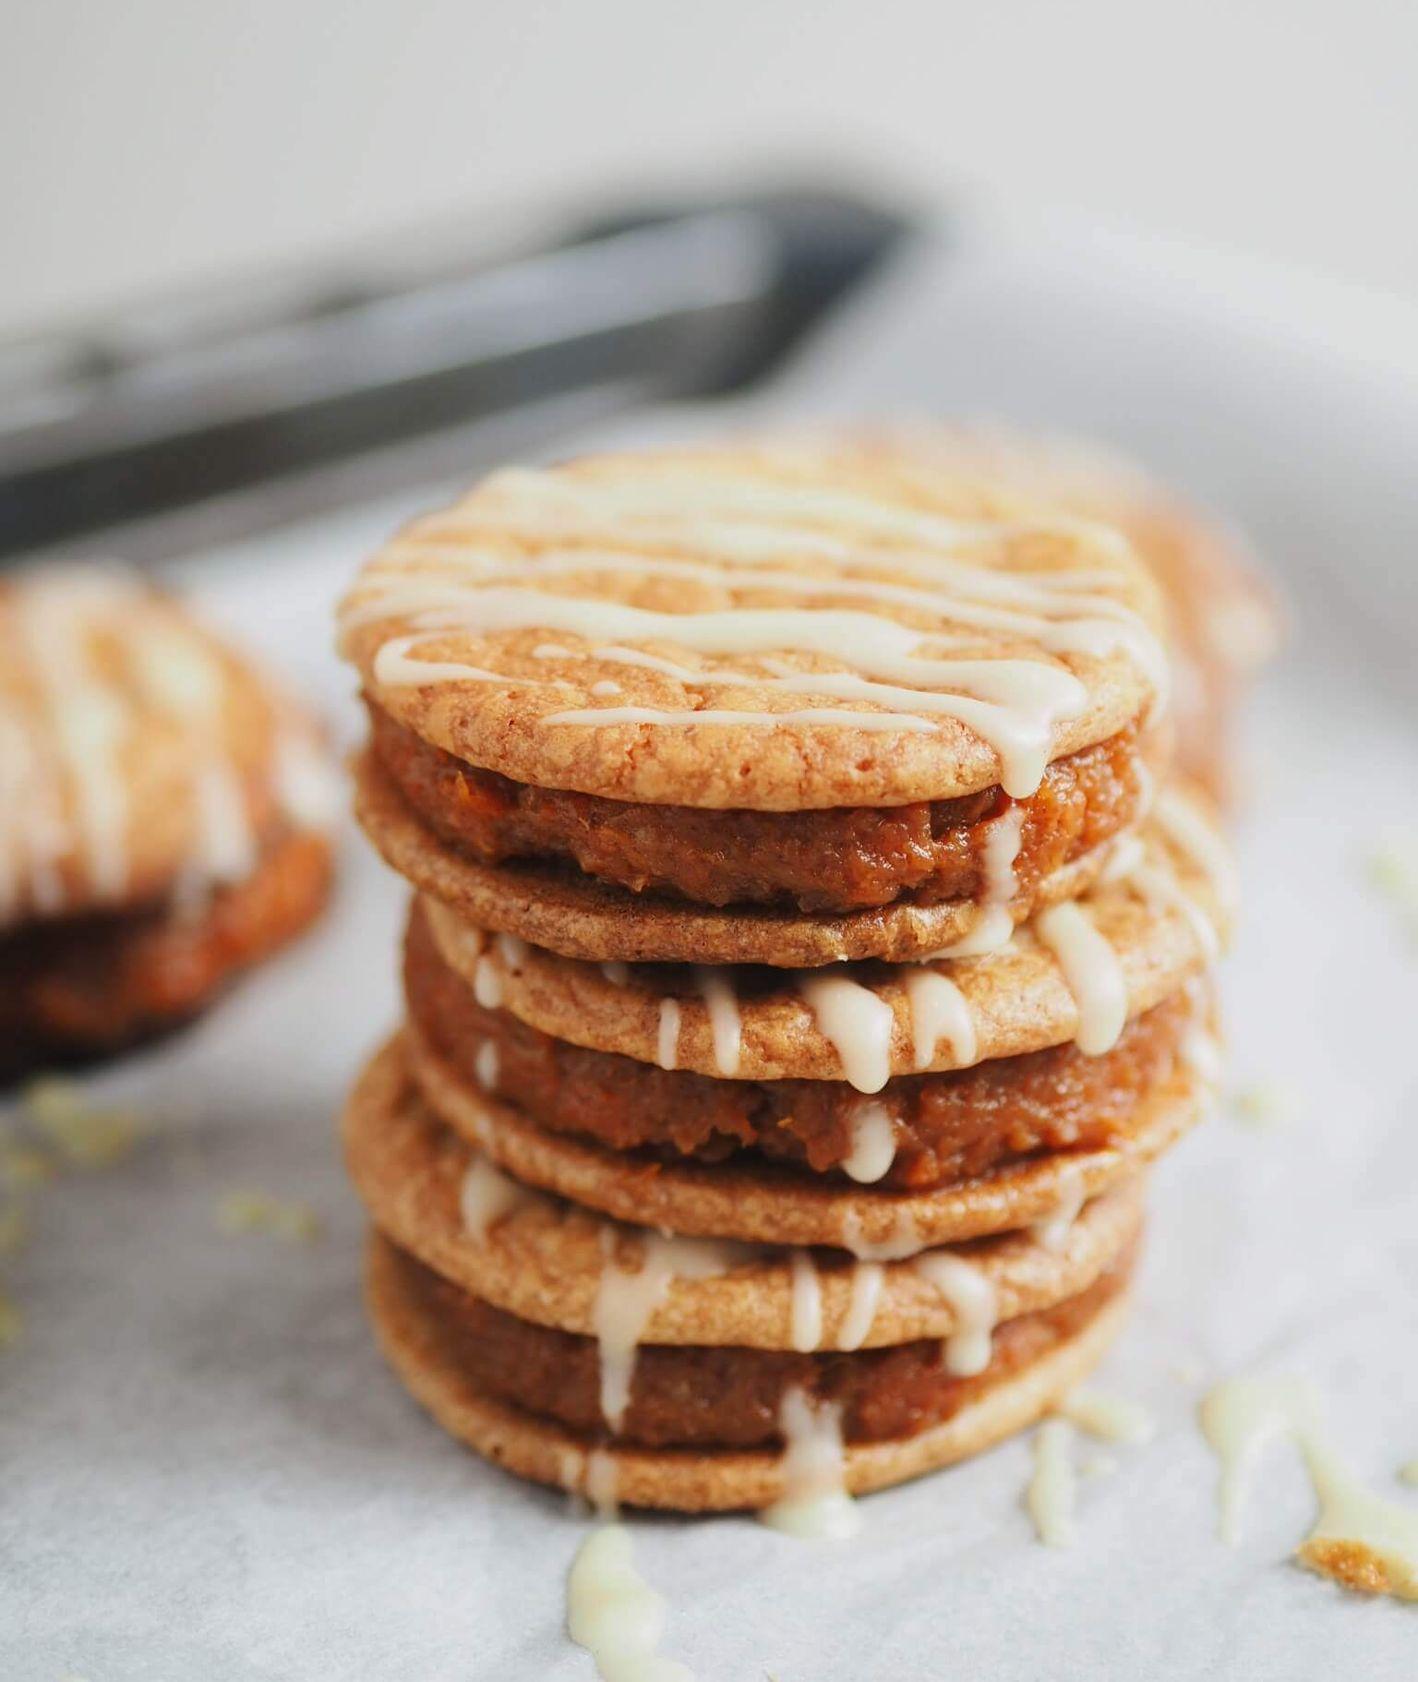 Kruche ciasteczka z białą czekoladą i domową konfiturą pomarańczowo-marchewkową (fot. Aleksandra Jagłowska)